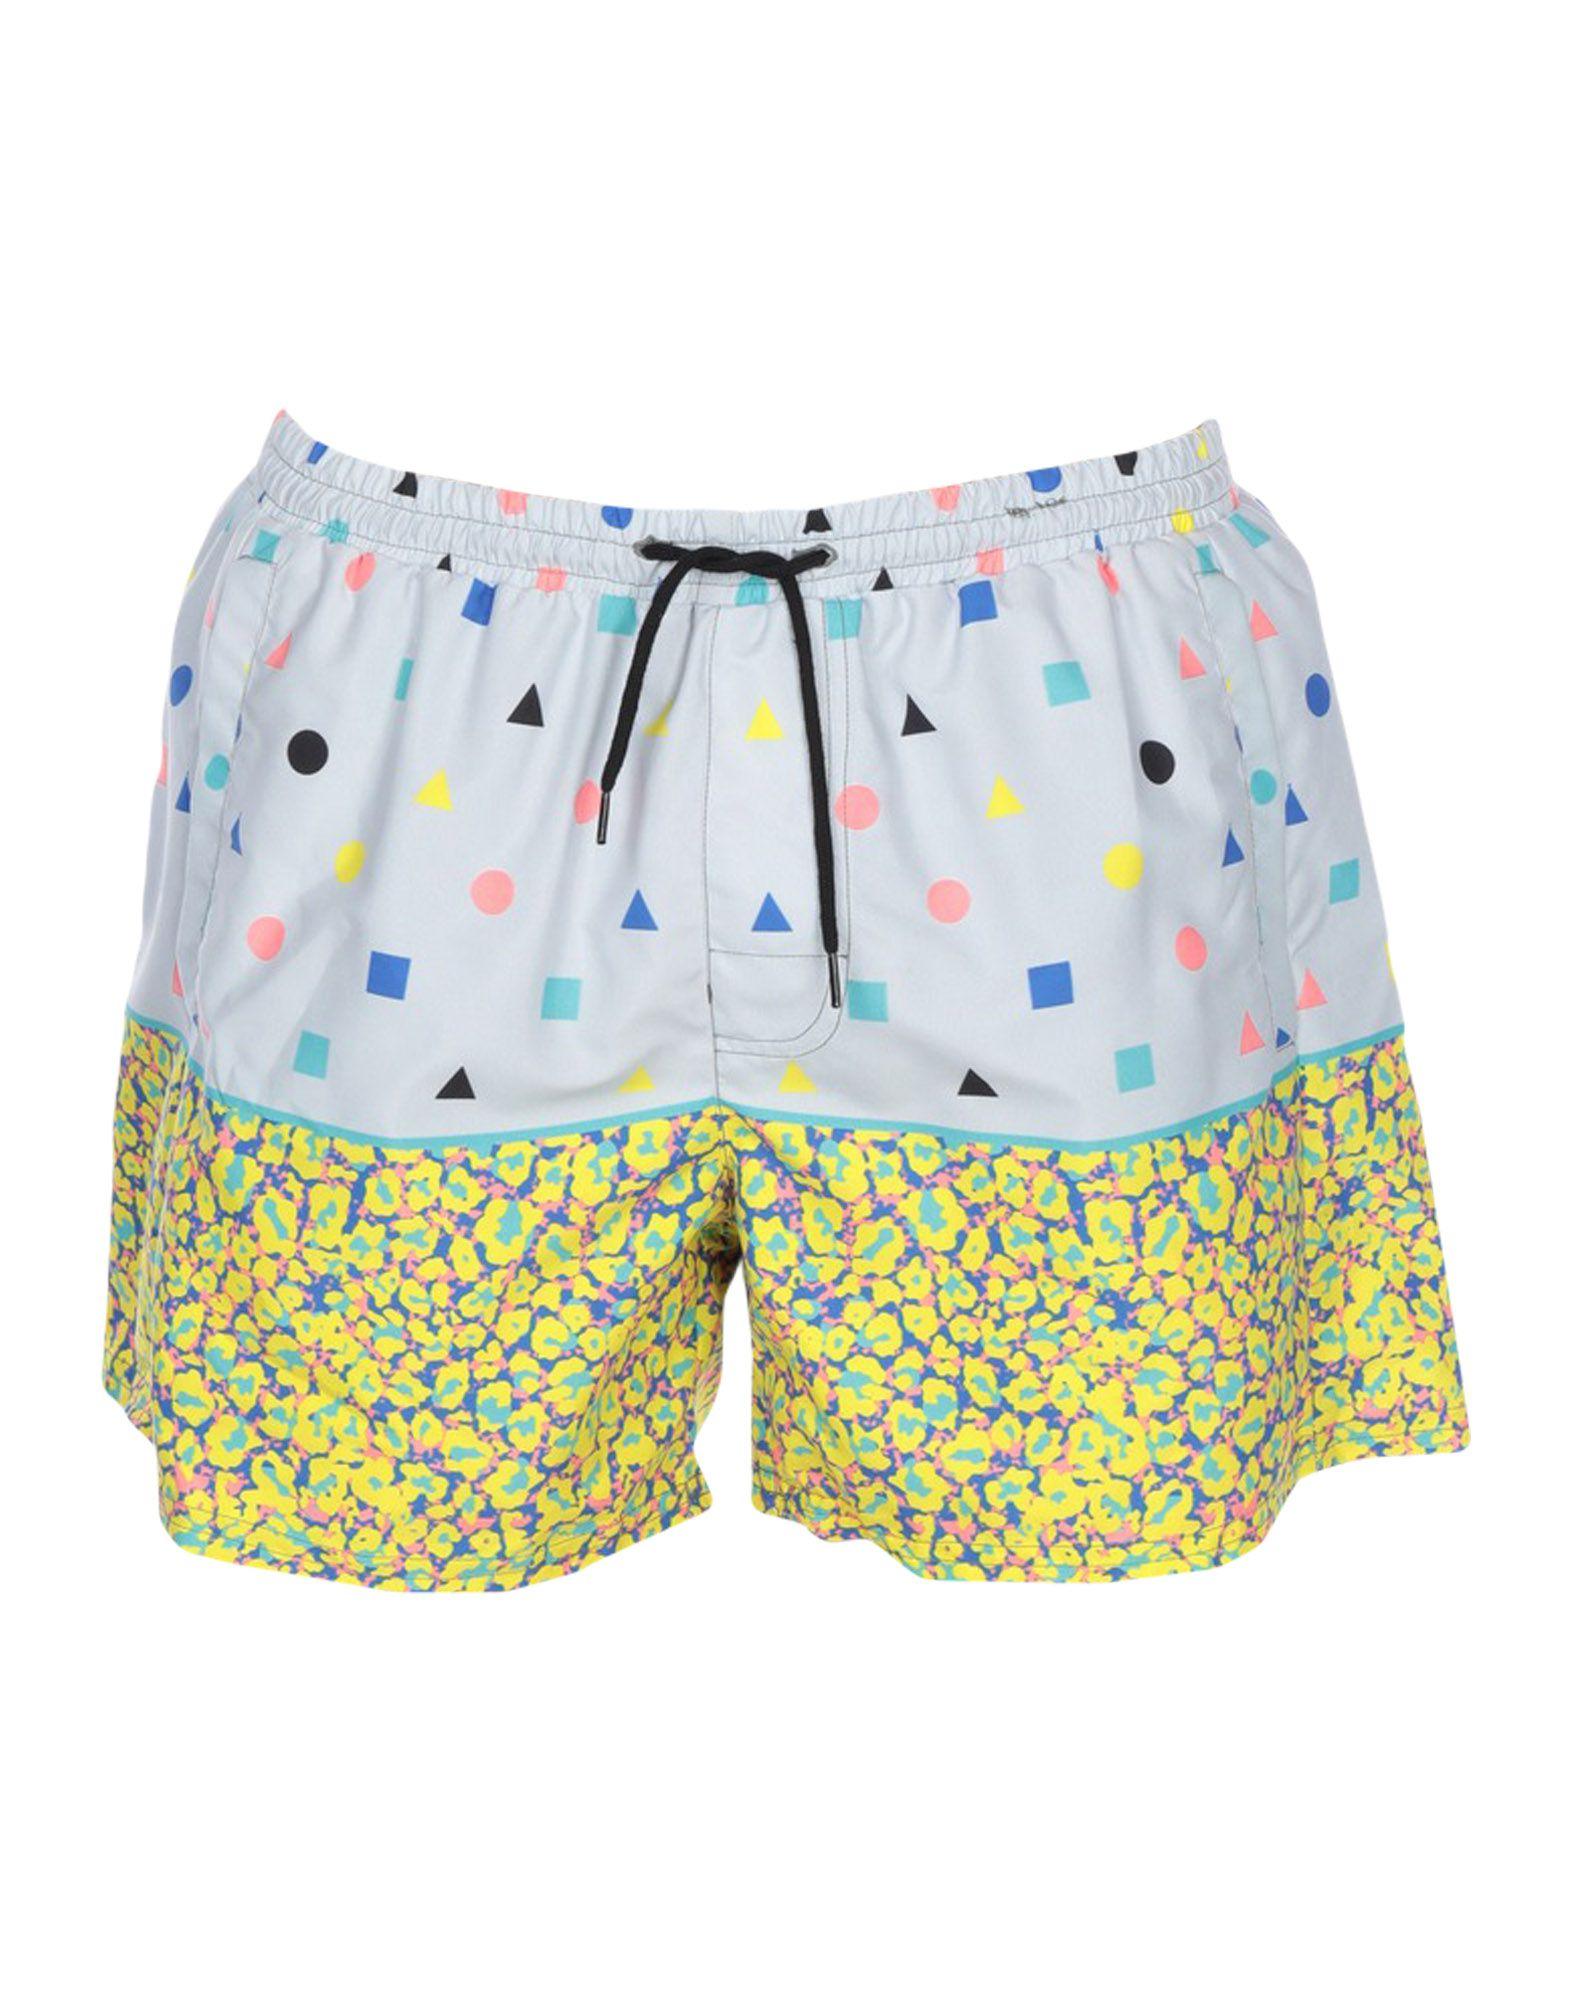 SORT OF LOOSER Шорты для плавания sort of looser пляжные брюки и шорты